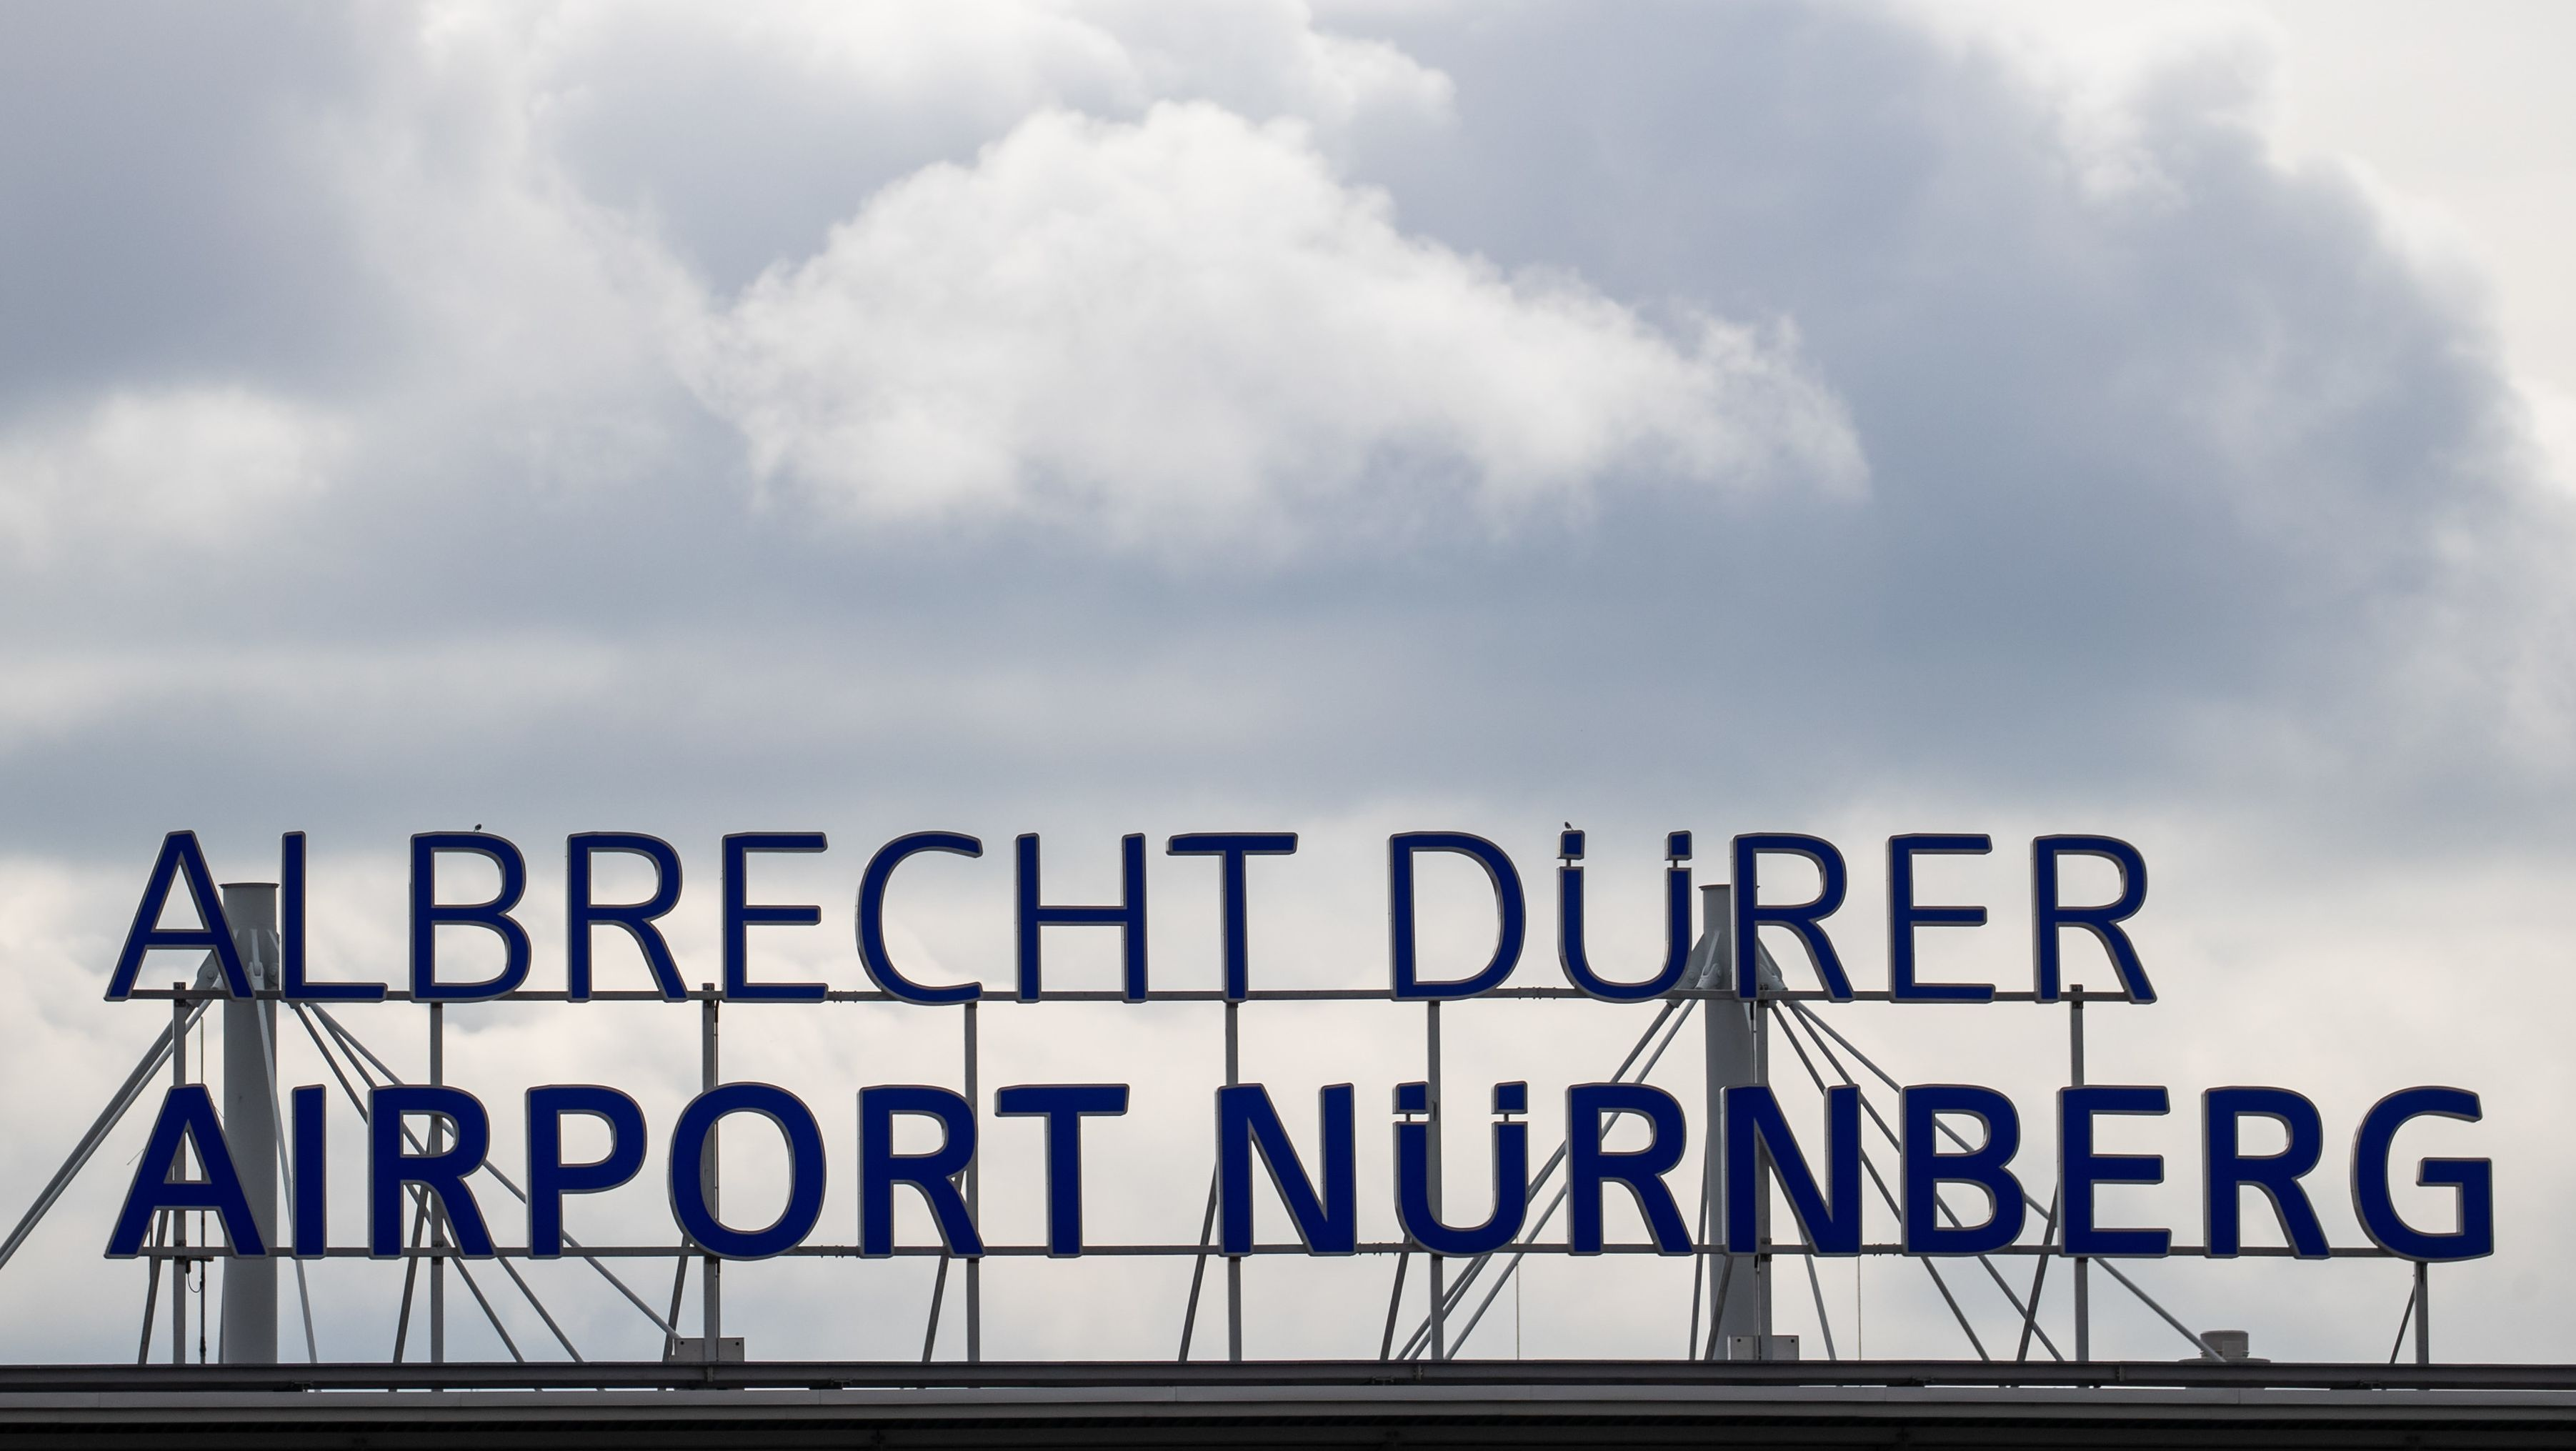 Logo des Albrecht Dürer Airport Nürnberg